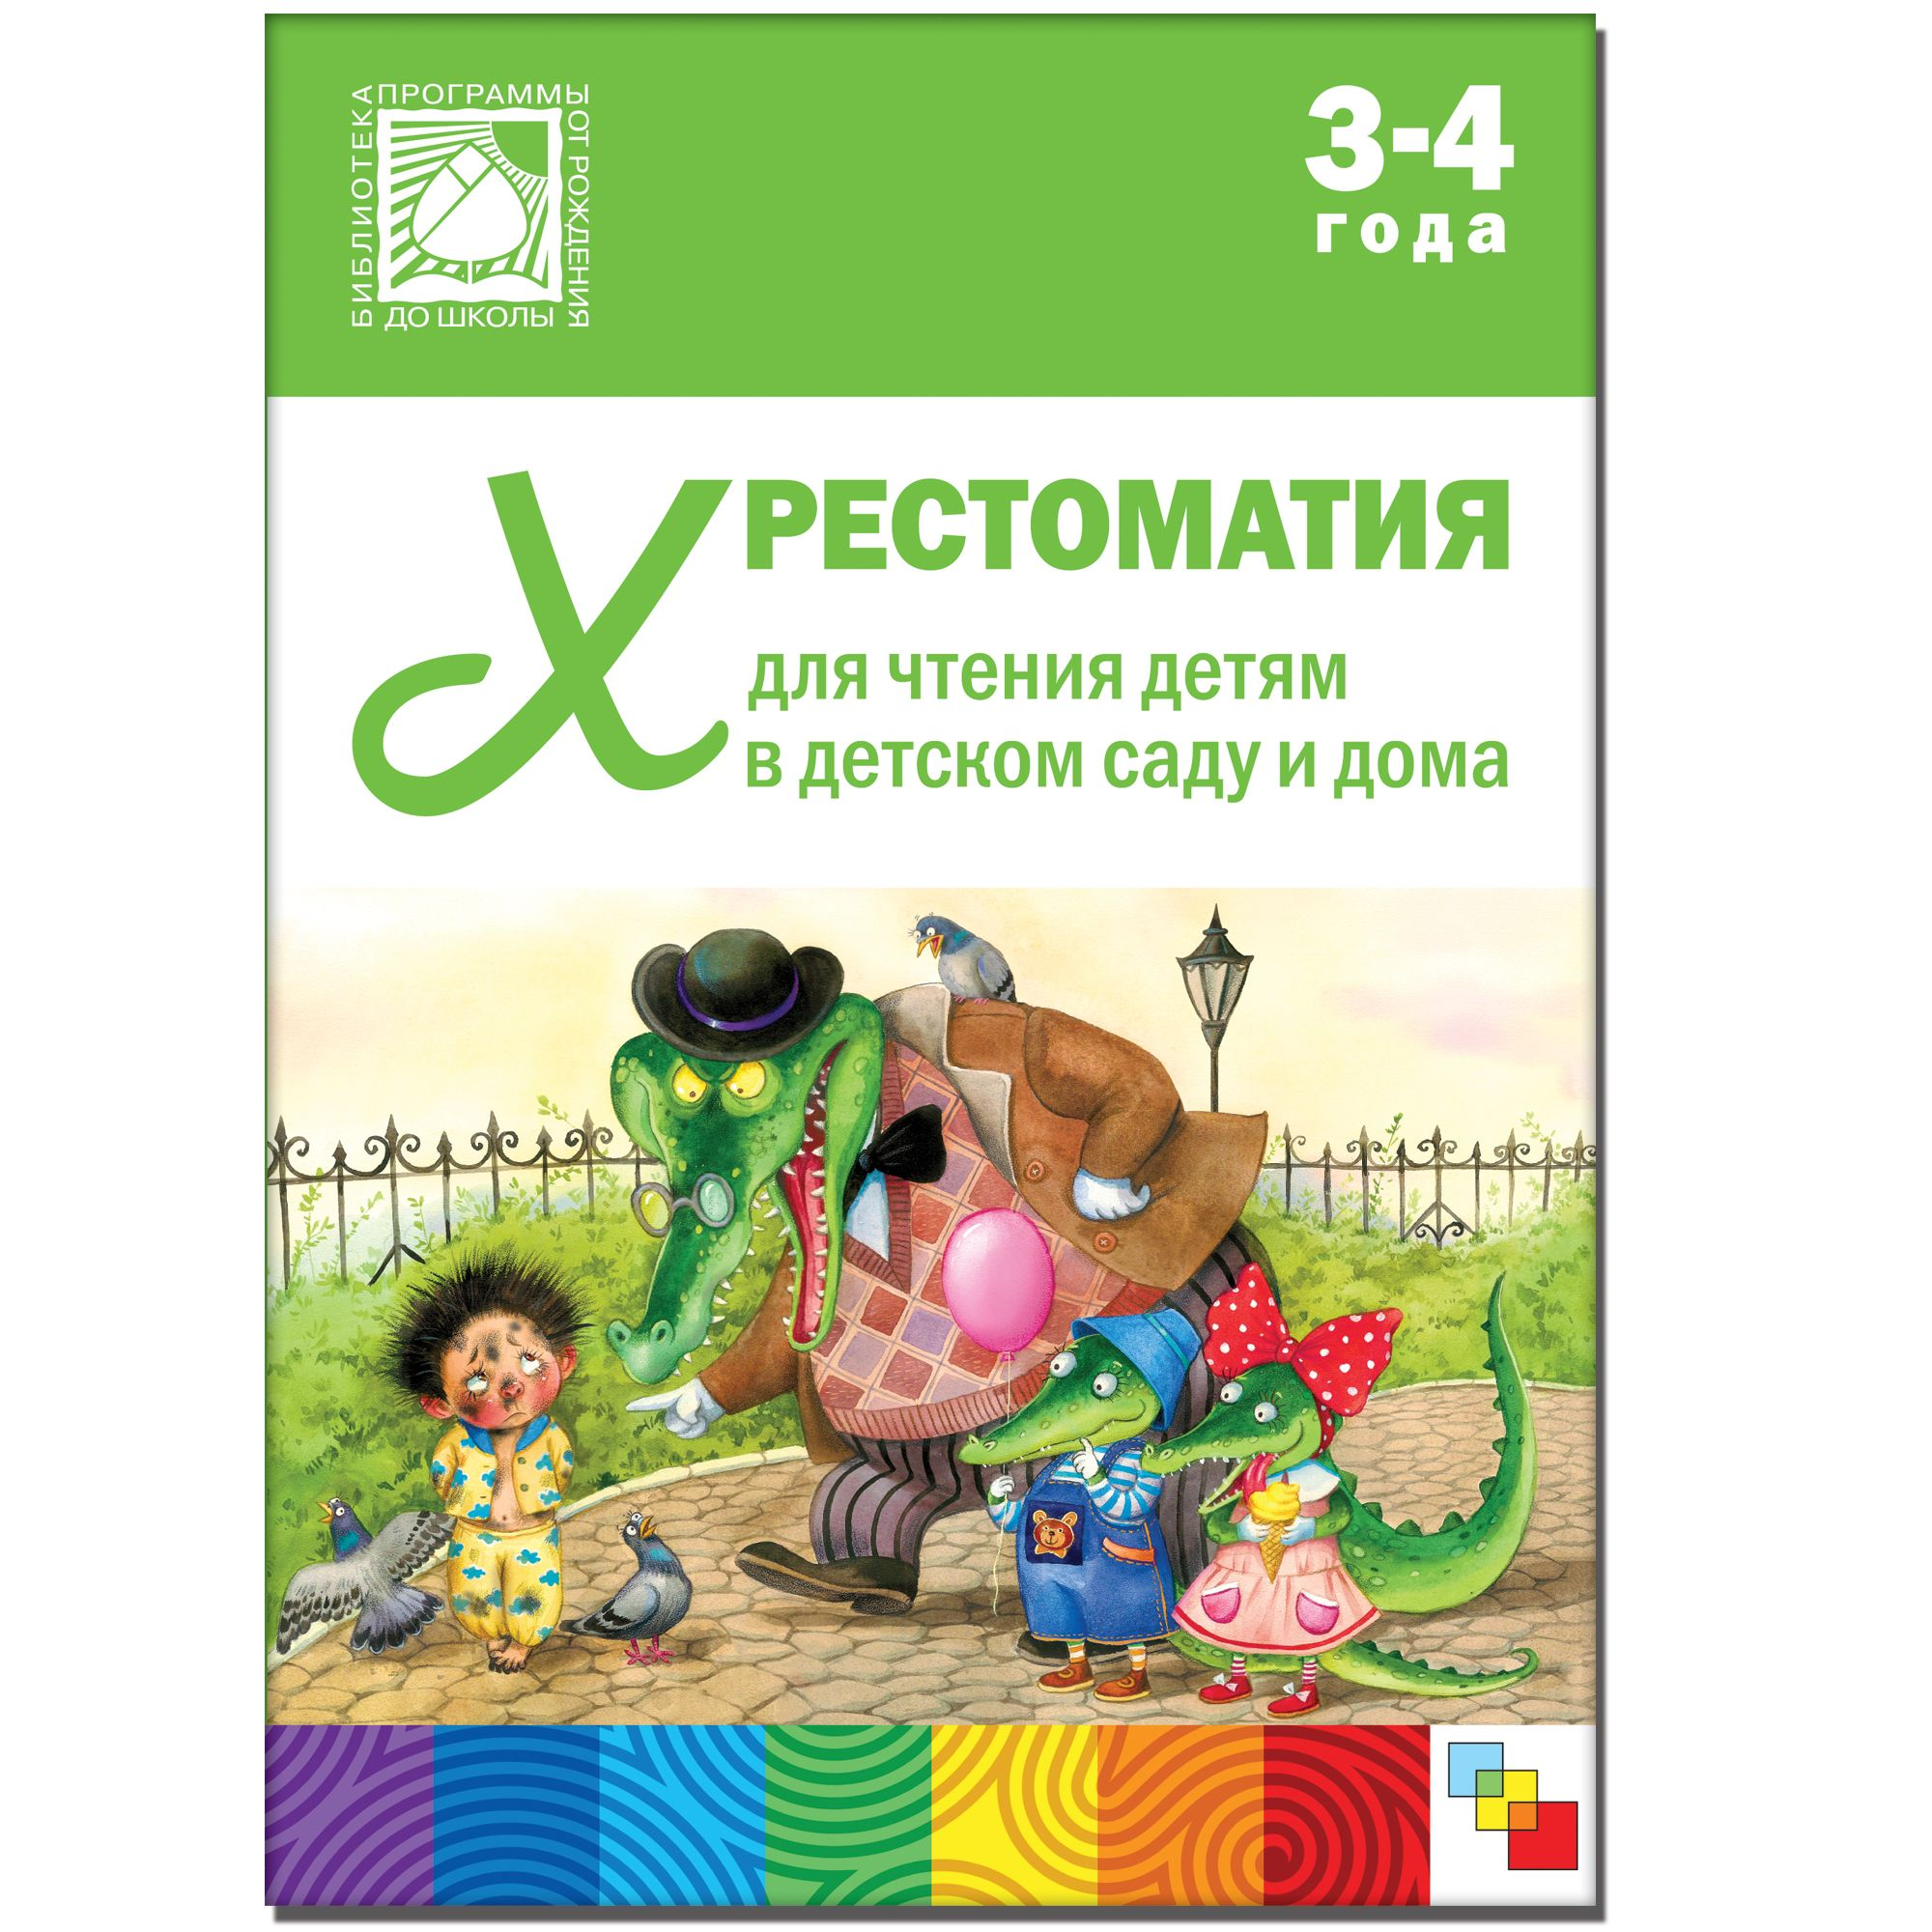 Хрестоматия для чтения детям в детском саду и дома. 3-4 года ФГОС ДО